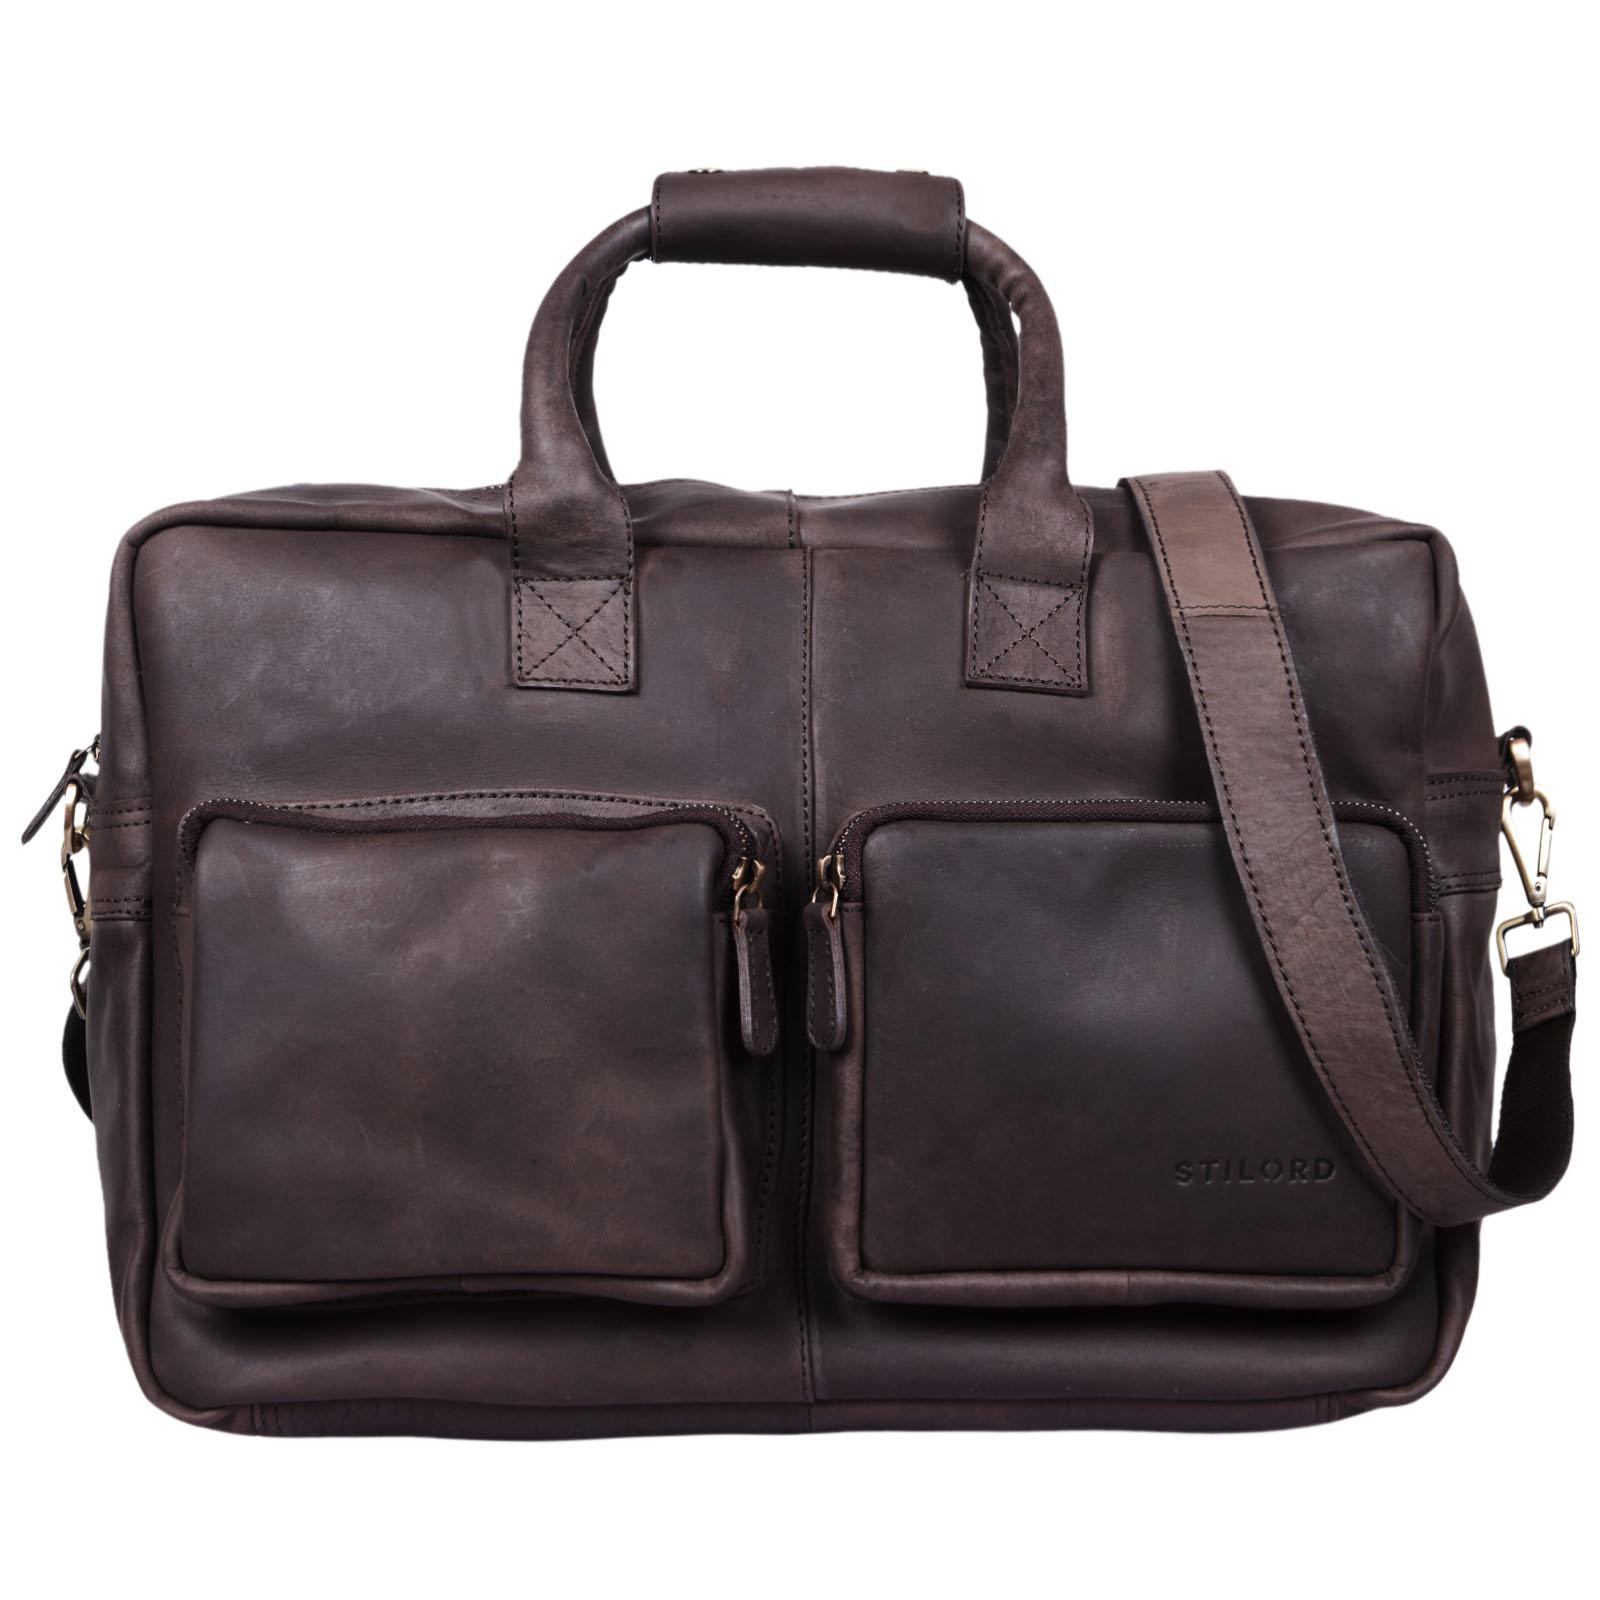 """STILORD """"Henri"""" Bürotasche Leder 15,6 Zoll Vintage Laptop Aktentasche Businesstasche Umhängetasche Lehrertasche Büffelleder - Bild 14"""